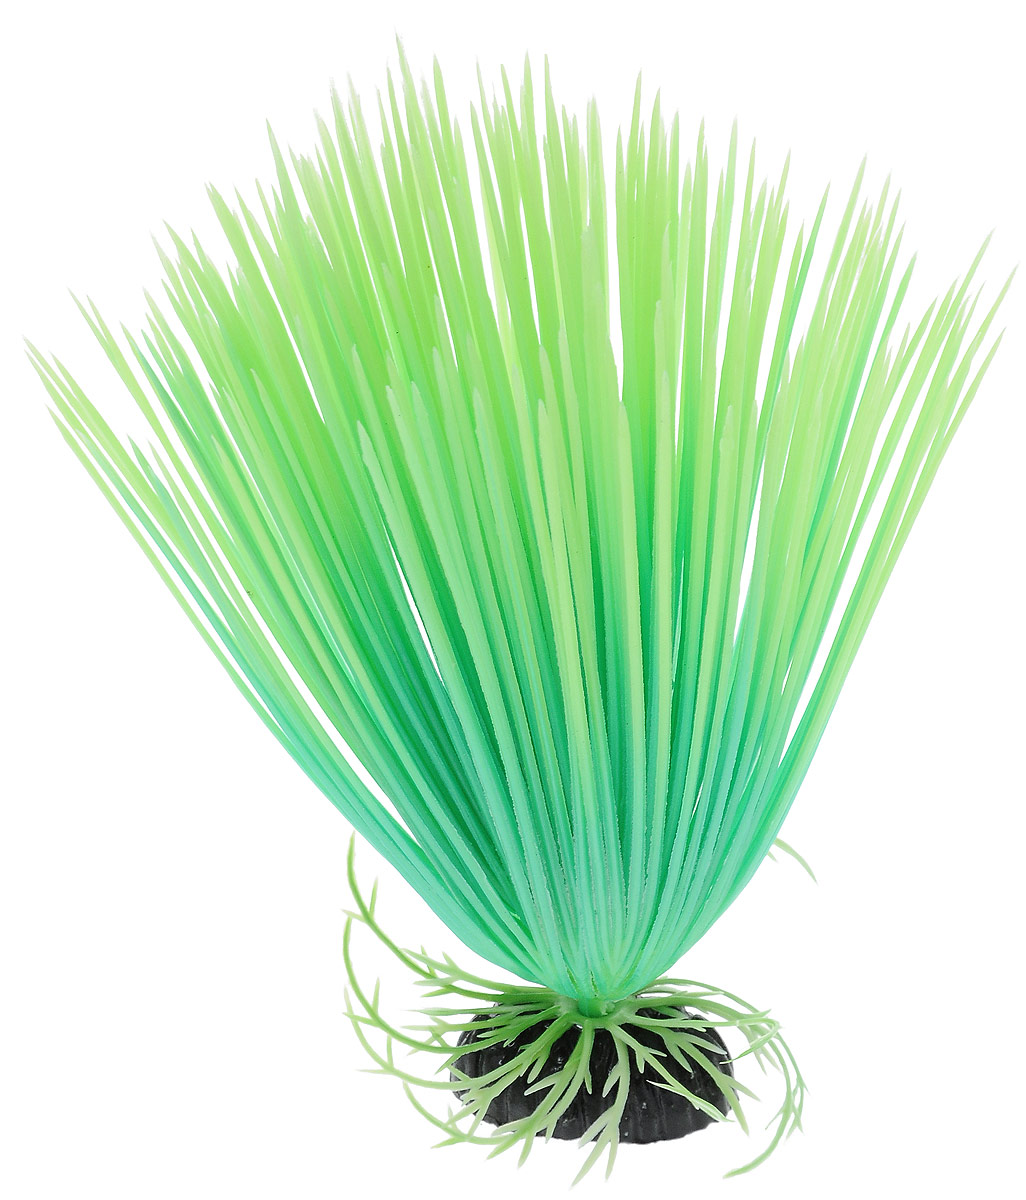 Растение для аквариума Barbus Акорус, пластиковое, светящееся, высота 20 смJBL6148500Растение Barbus Акорус выполнено из высококачественного нетоксичного пластика. Оно светится в темноте и станет оригинальным и необычным украшением вашего аквариума. Изделие не требует дополнительного ухода Оно абсолютно безопасно, нейтрально к водному балансу, устойчиво к истиранию краски, подходит как для пресноводного, так и для морского аквариума. Растение для аквариума Barbus поможет вам смоделировать потрясающий пейзаж на дне вашего аквариума или террариума.Высота растения: 20 см.